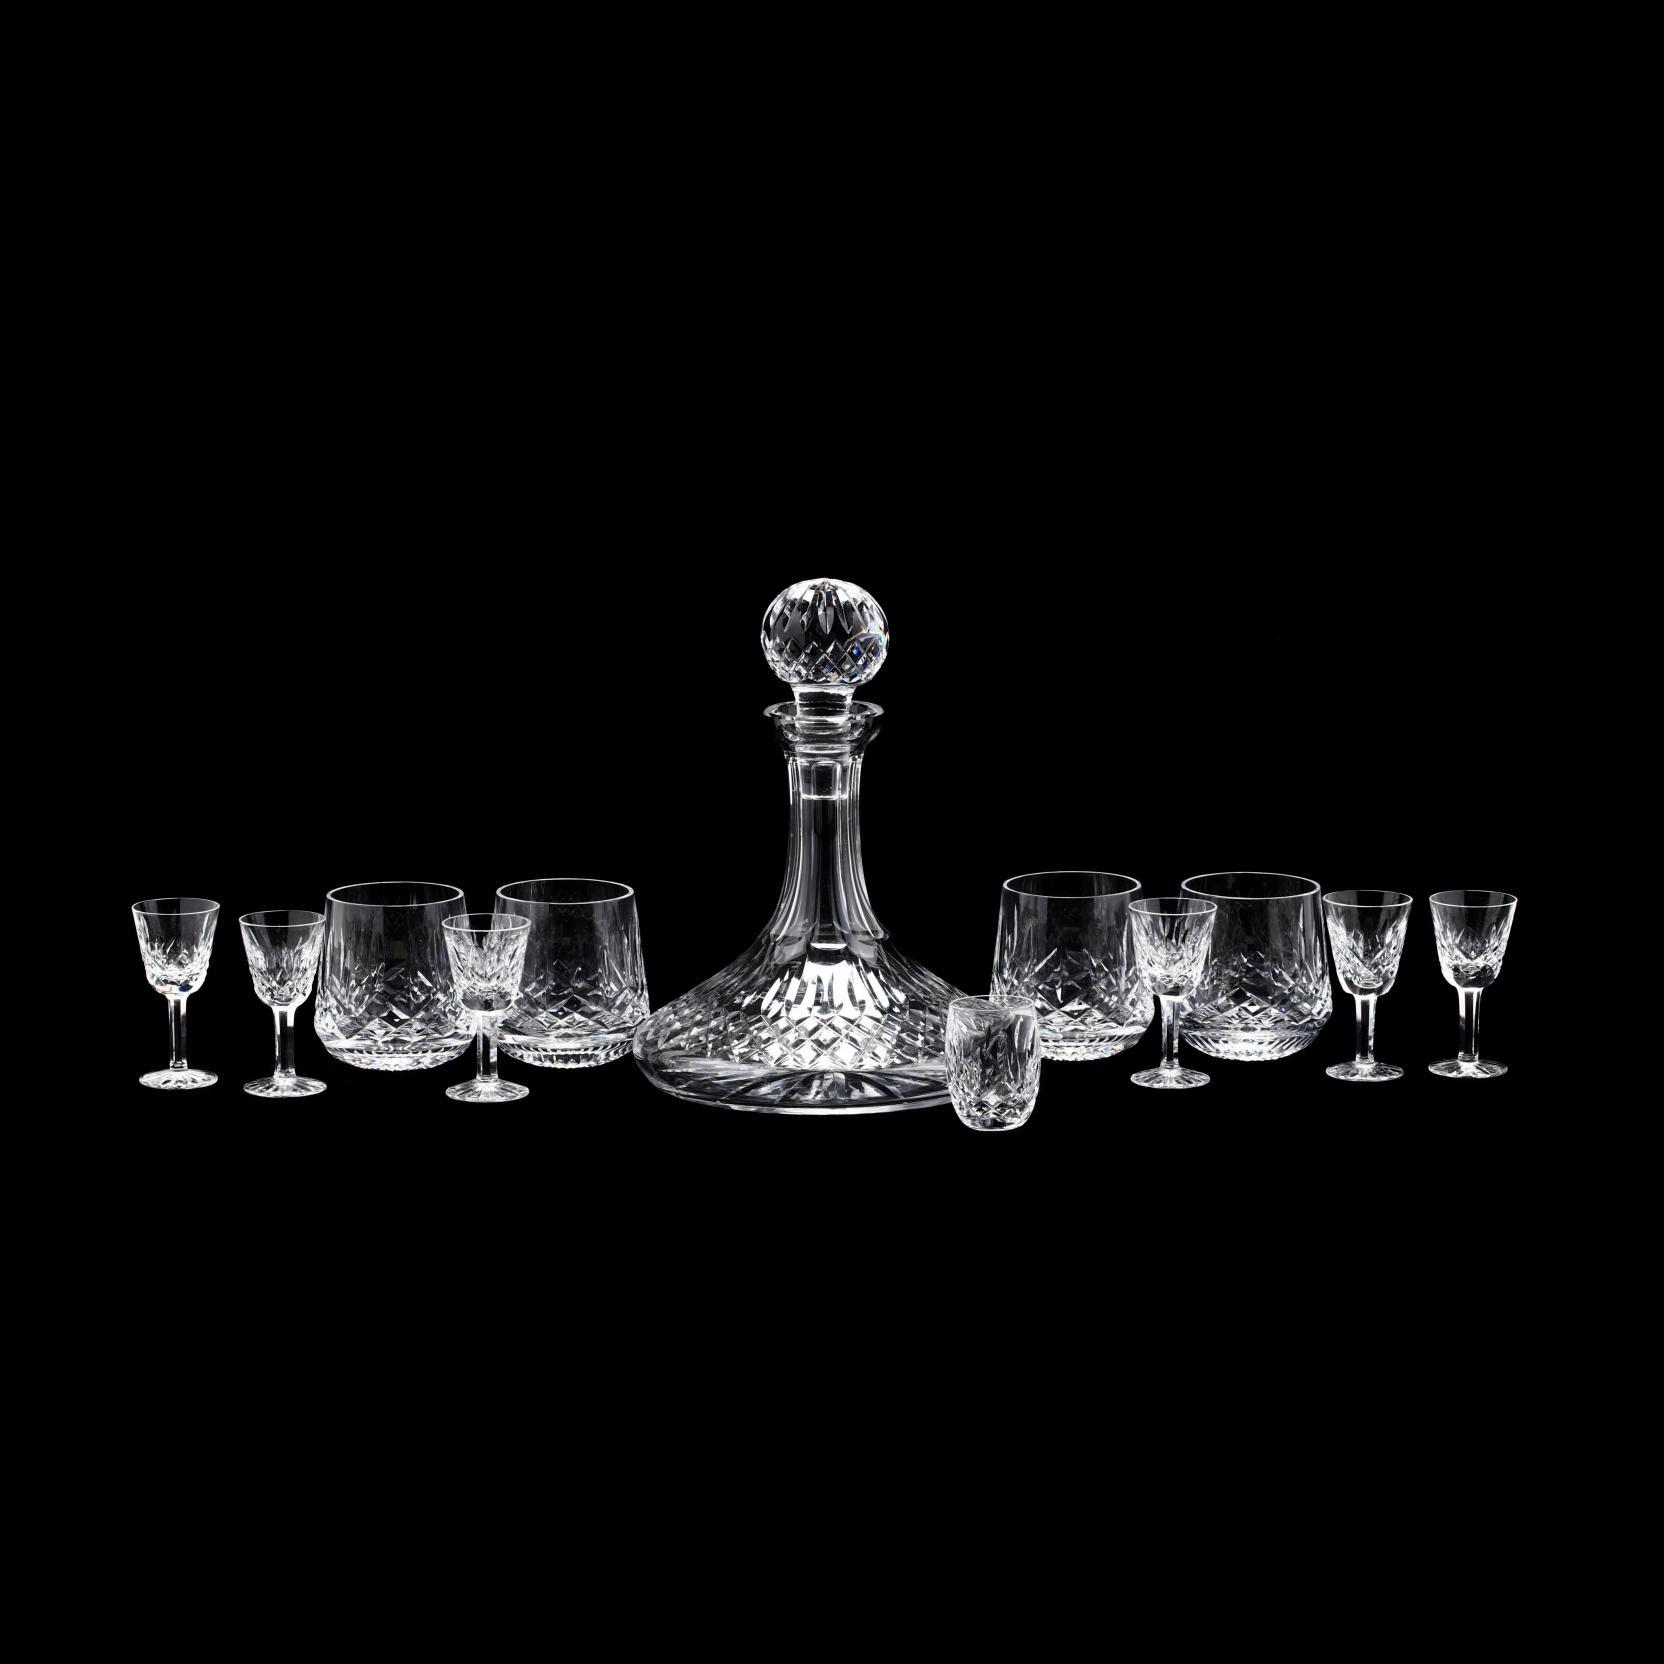 waterford-lismore-crystal-barware